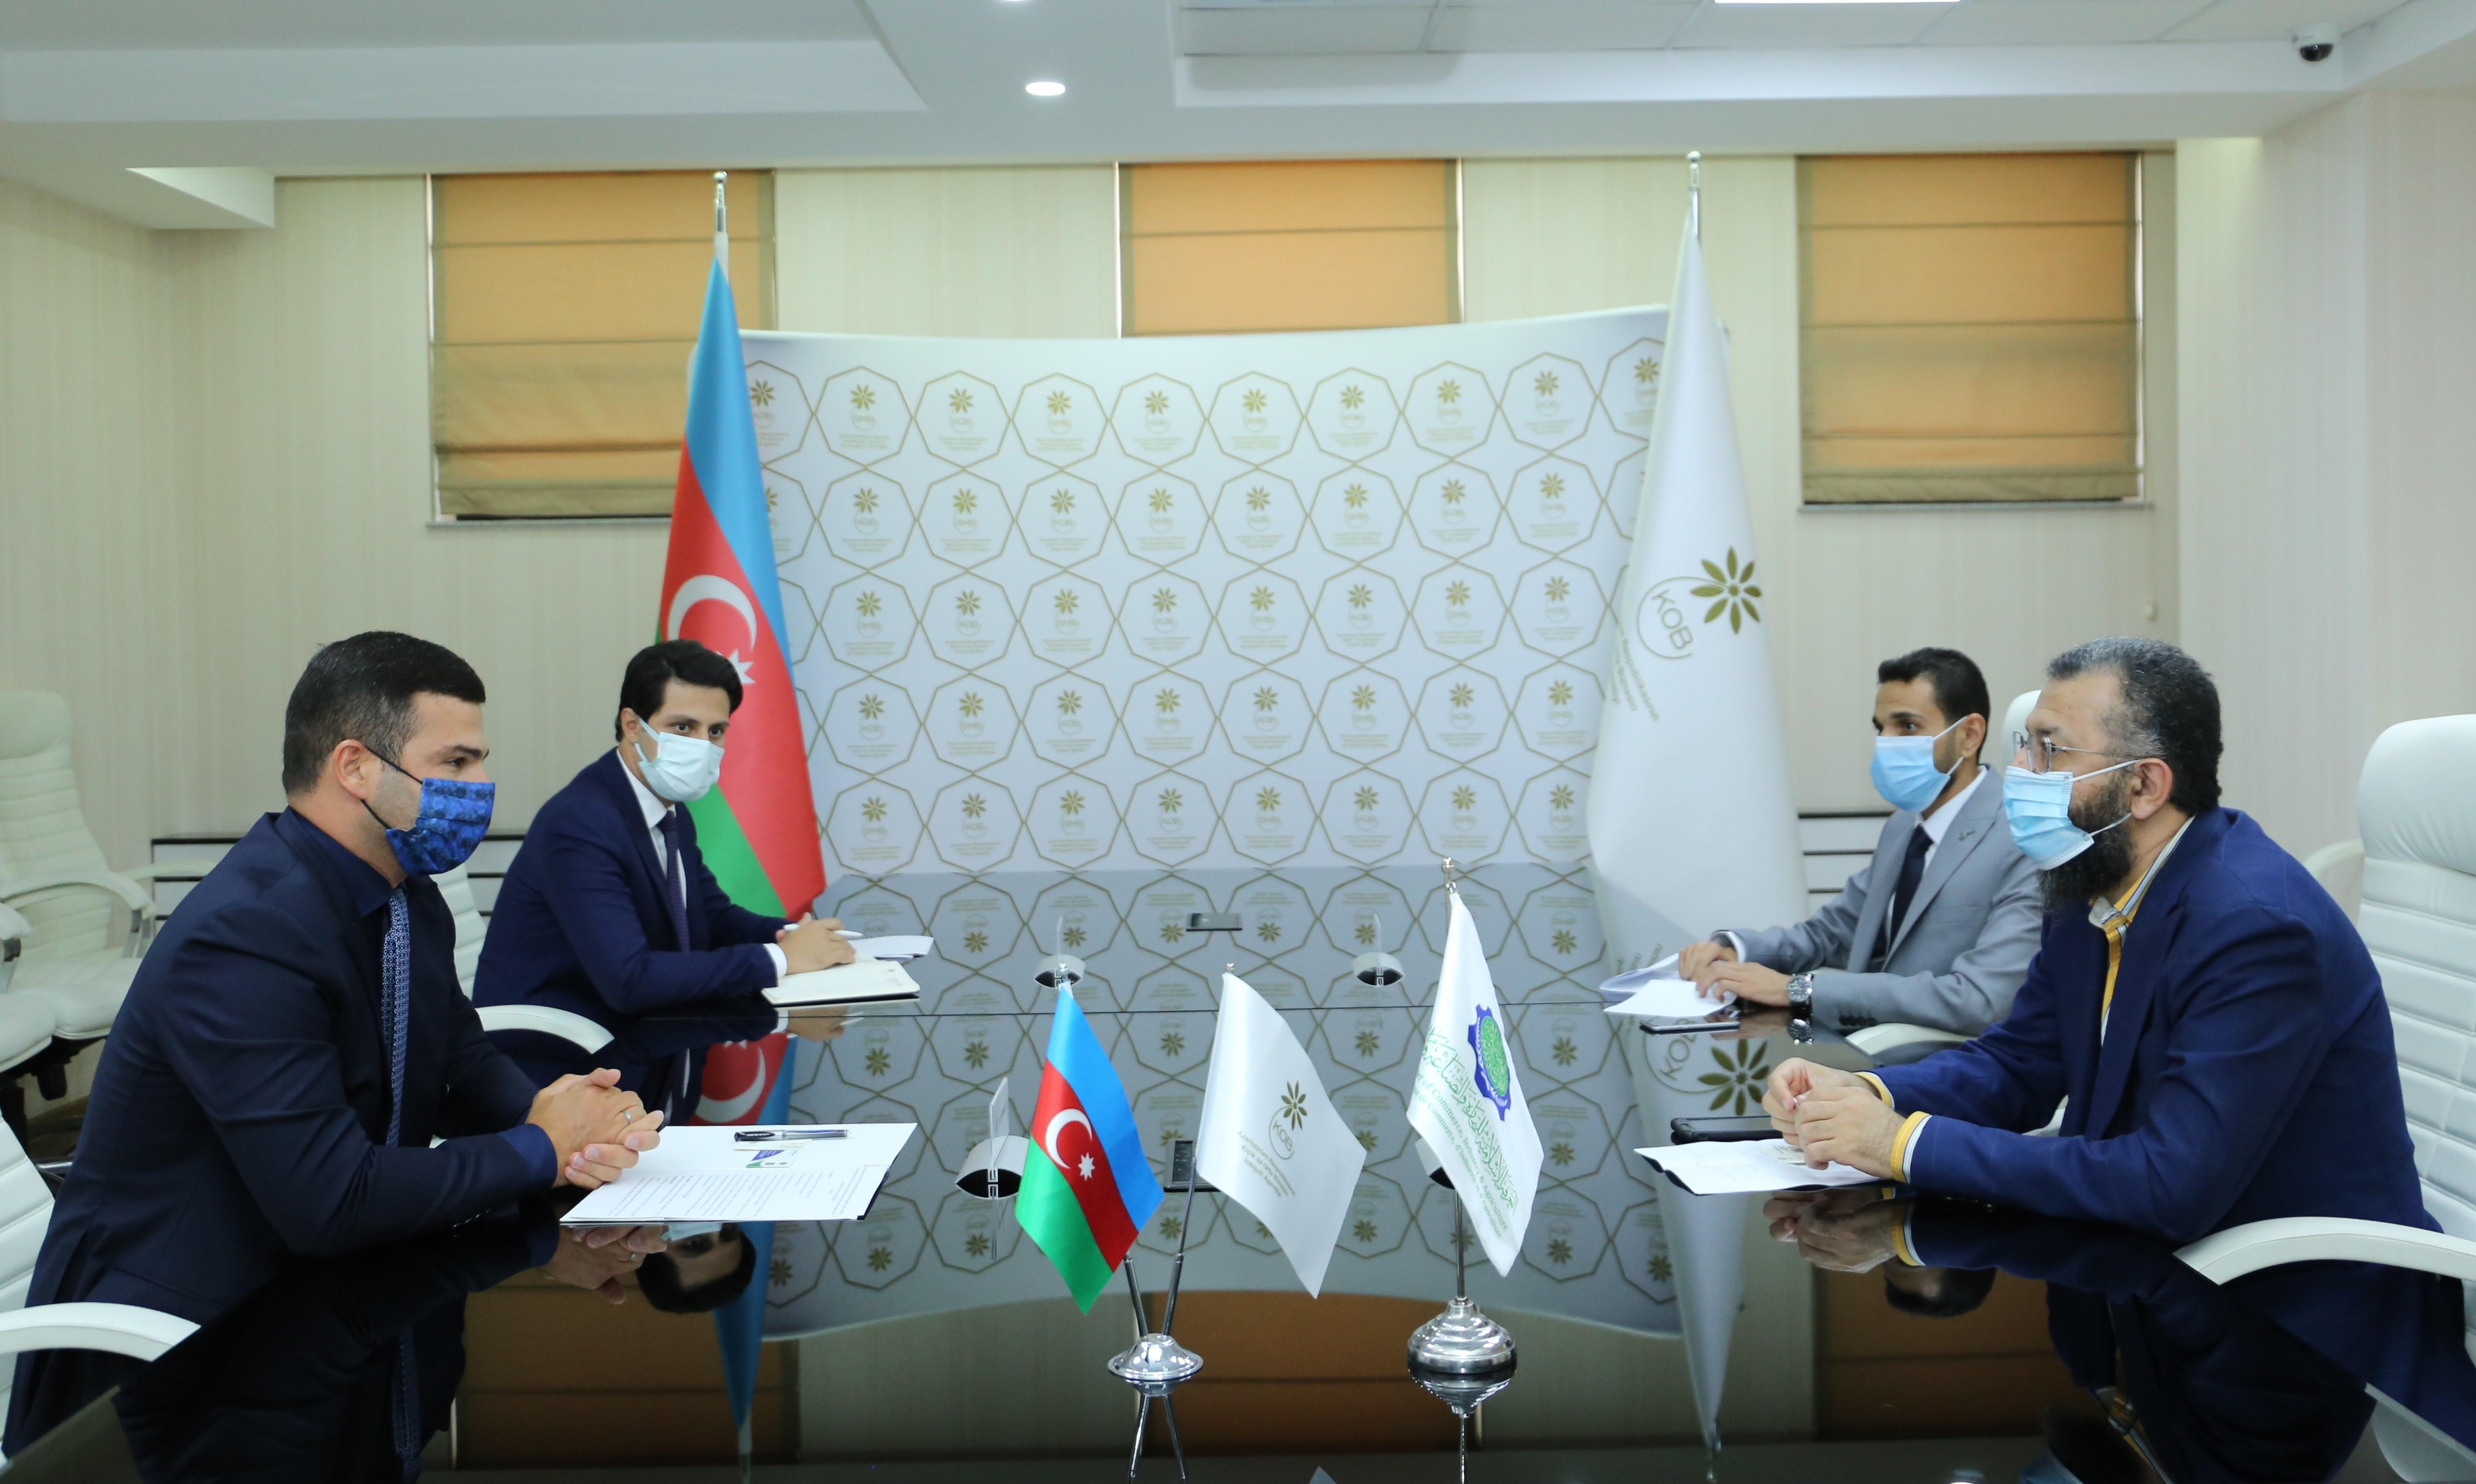 Генеральный секретарь Исламской Палаты Торговли, Промышленности и Сельского Хозяйства посетил АРМСБ